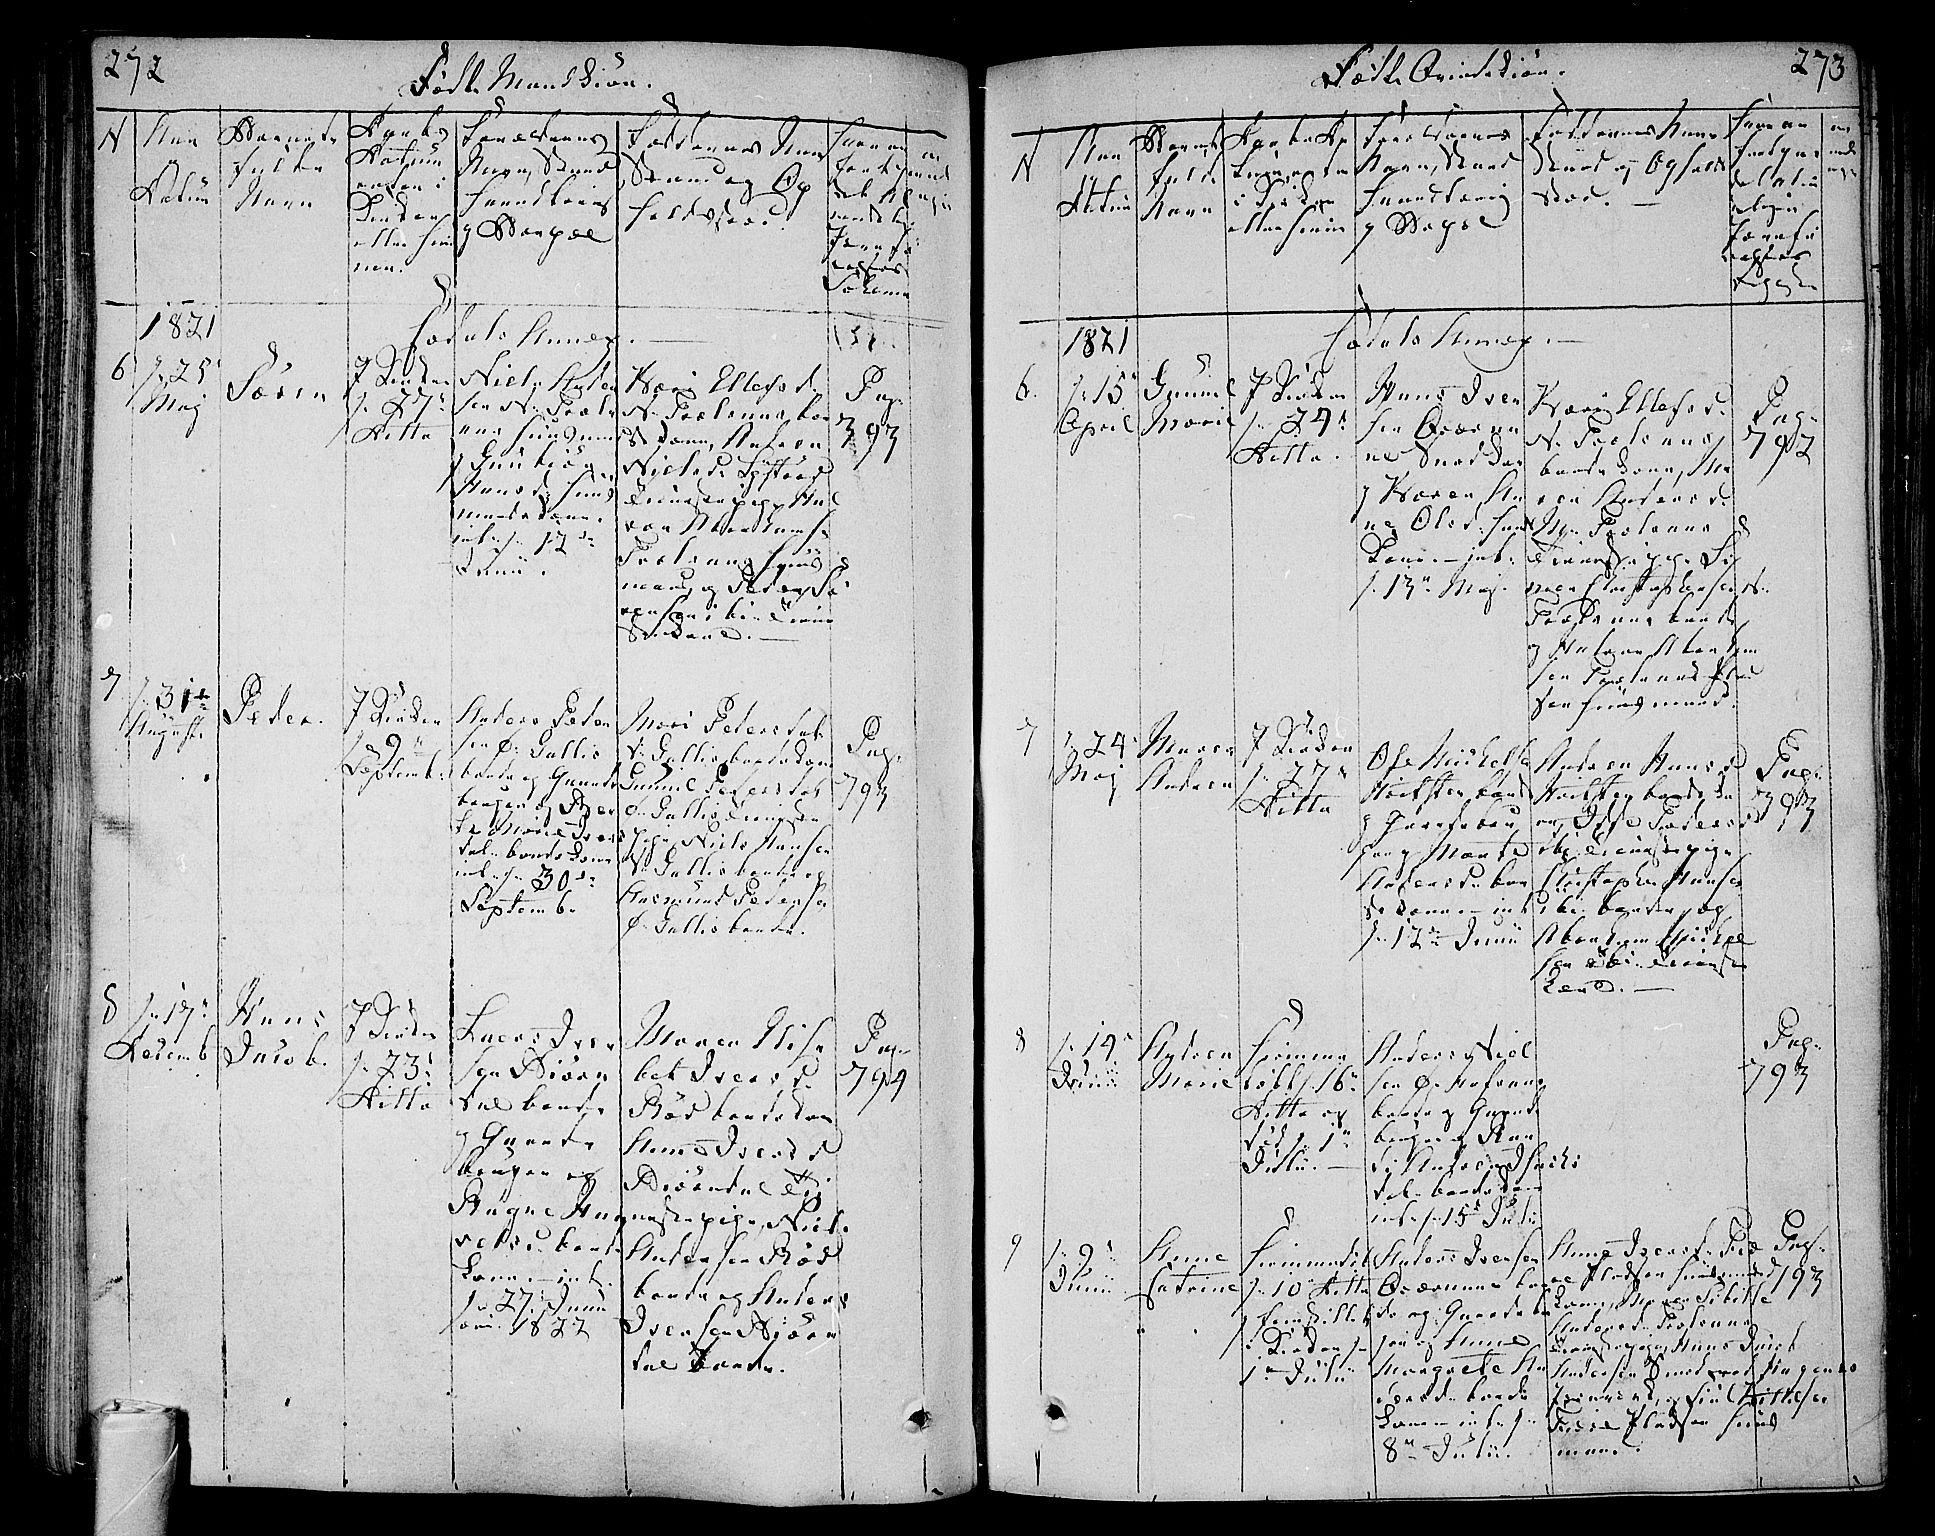 SAKO, Andebu kirkebøker, F/Fa/L0003: Ministerialbok nr. 3 /3, 1815-1828, s. 272-273